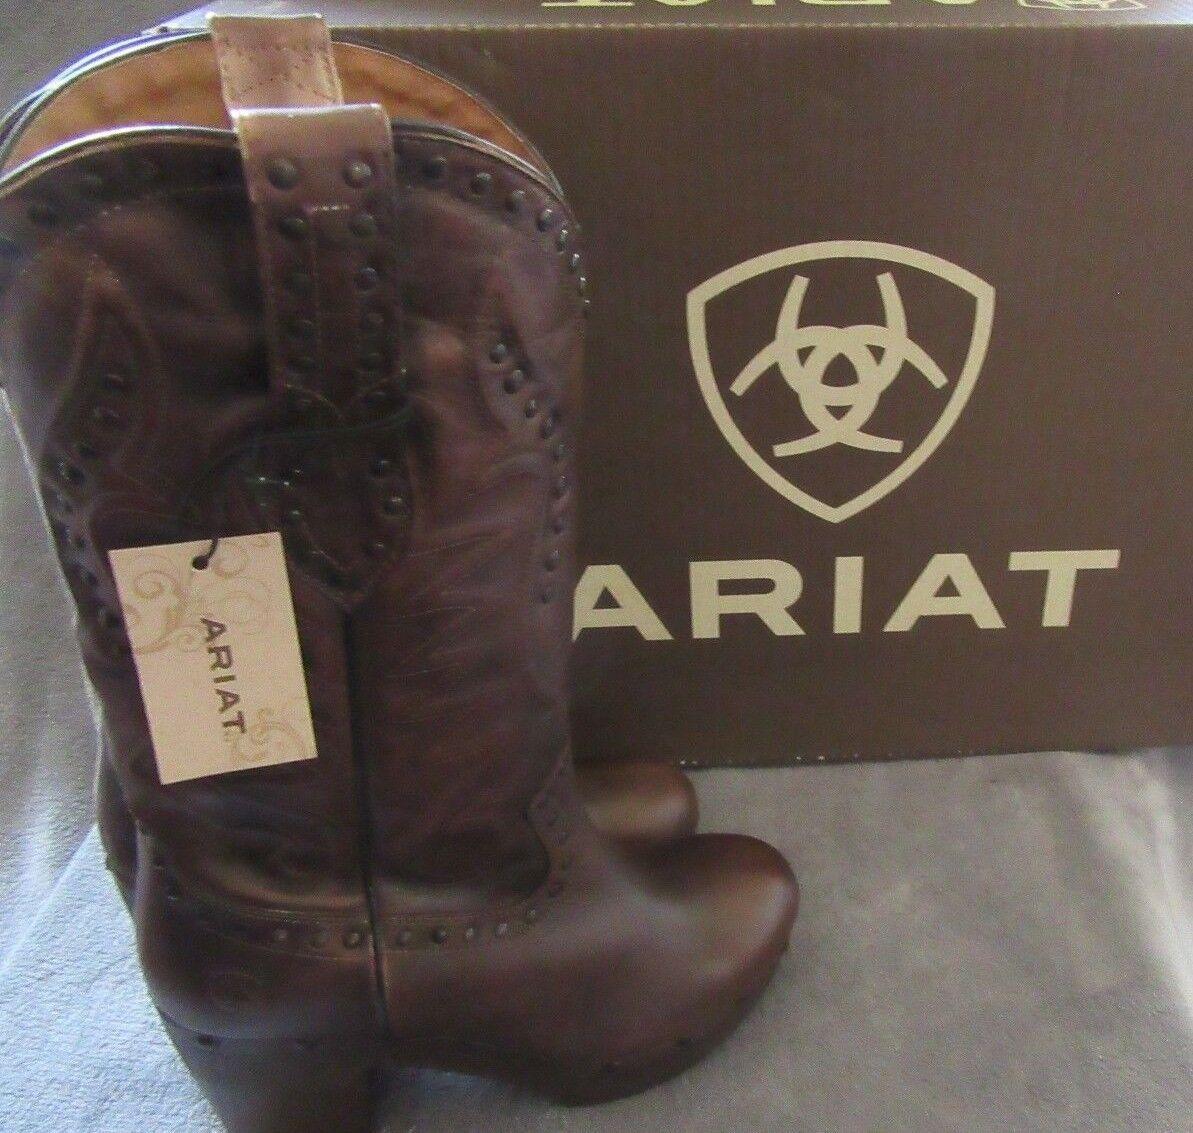 grandi prezzi scontati ARIAT 10021662 10021662 10021662 Chattanooga Bite the Dust Leather stivali scarpe US 9 M EUR 40 NWB  Sconto del 70%